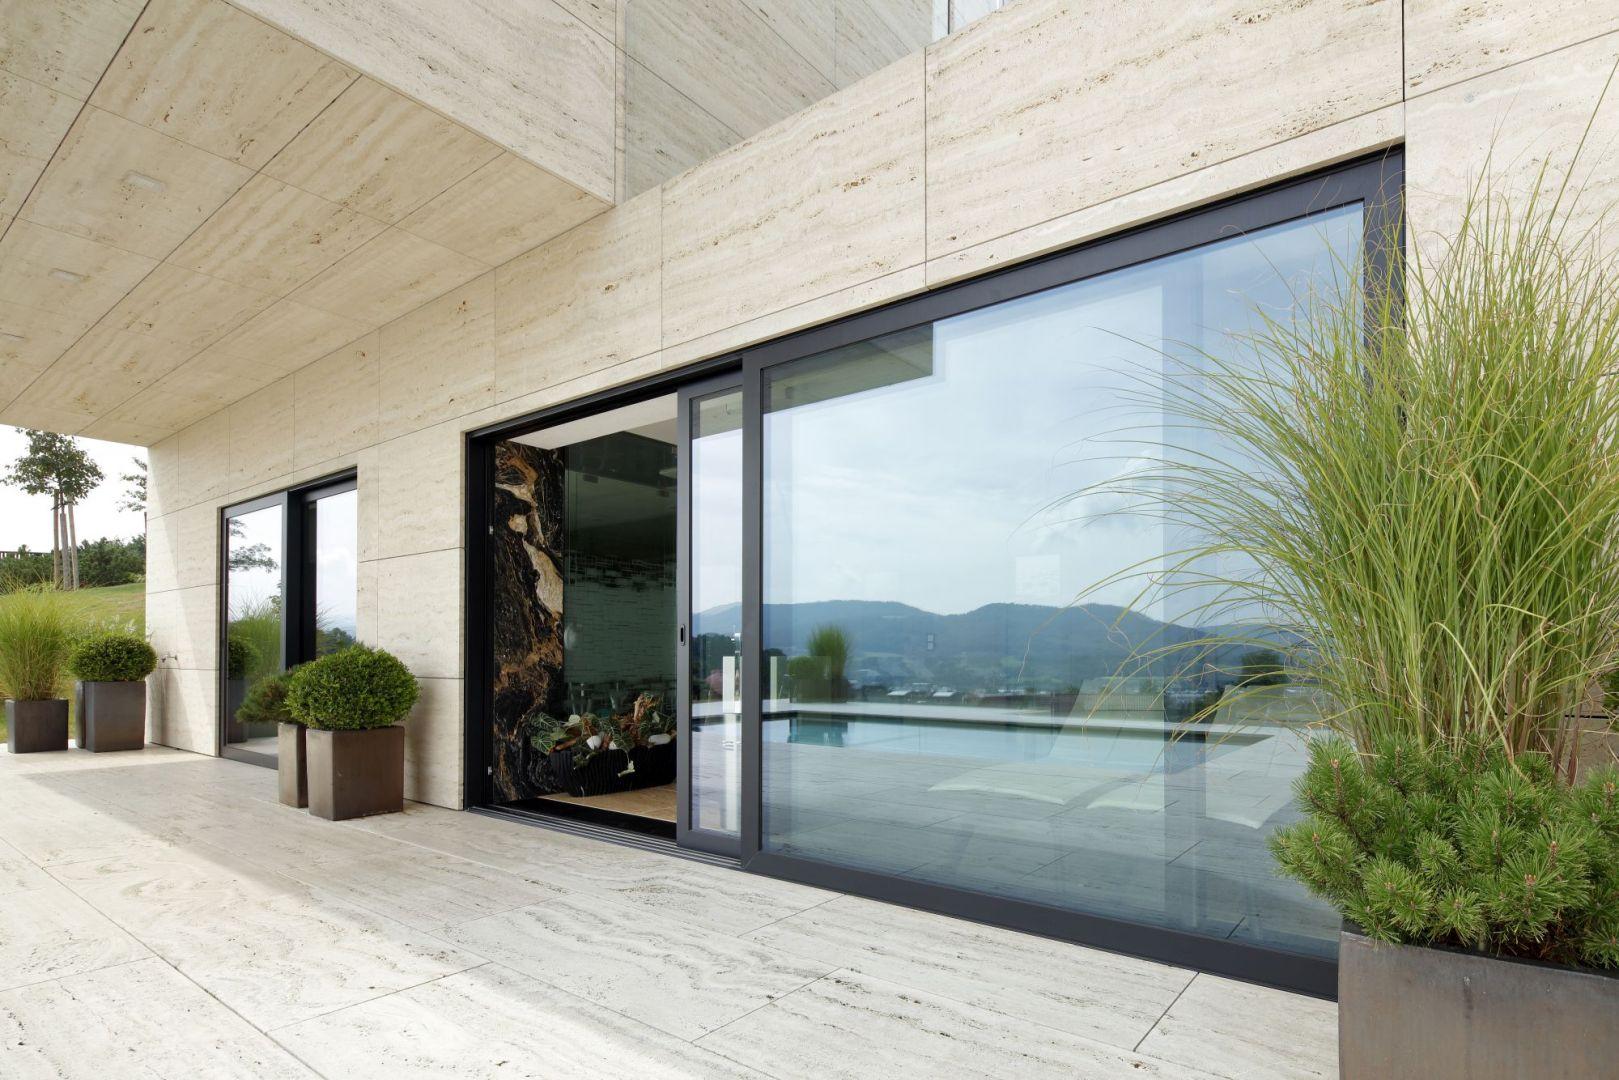 Okna z linii Nero Style dostępne są w kolorze głębokiej i odpornej na zabrudzenia czerni, dzięki czemu można stworzyć niepowtarzalne, nowoczesne projekty. Fot. Awilux